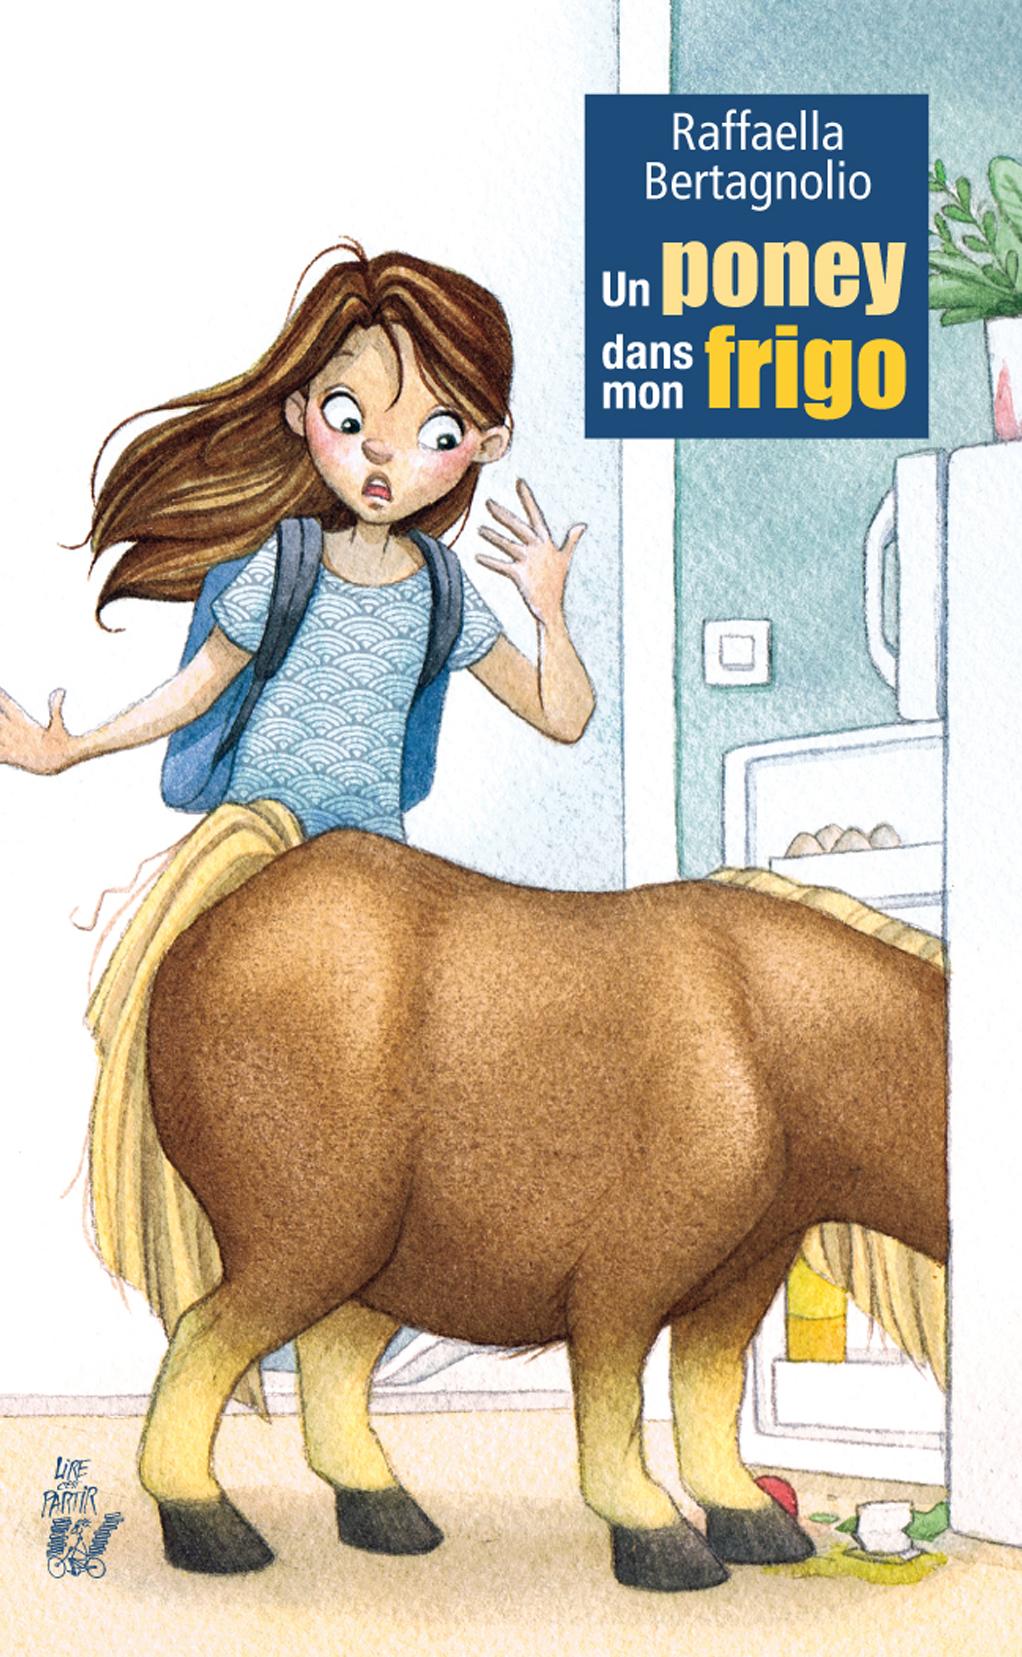 Un poney dans mon frigo lire c 39 est partir for 750g dans mon frigo